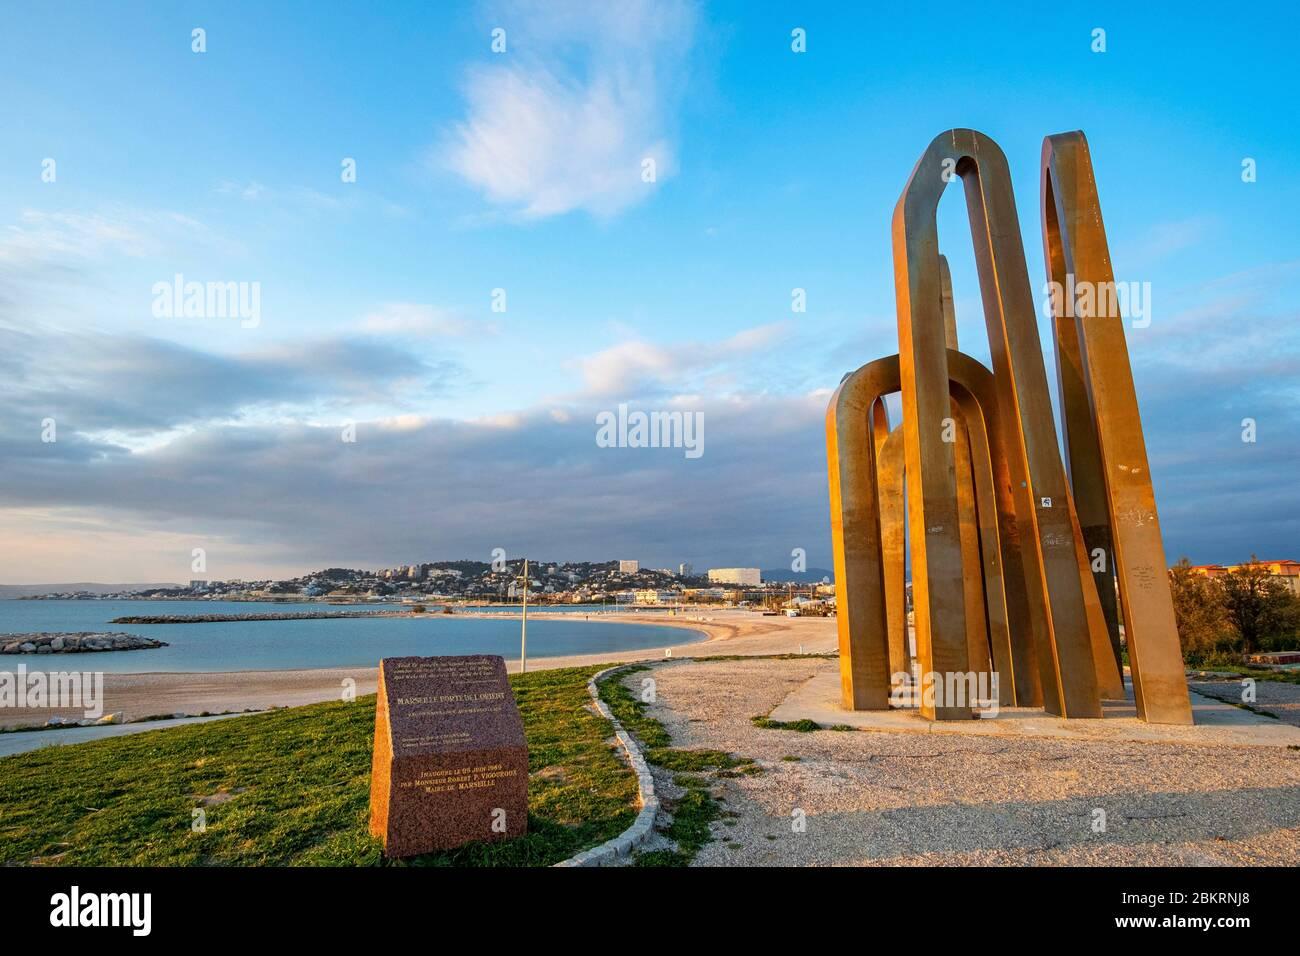 France, Bouches du Rhône, Marseille, les plages du Prado, les 7 portes de Jérusalem Banque D'Images